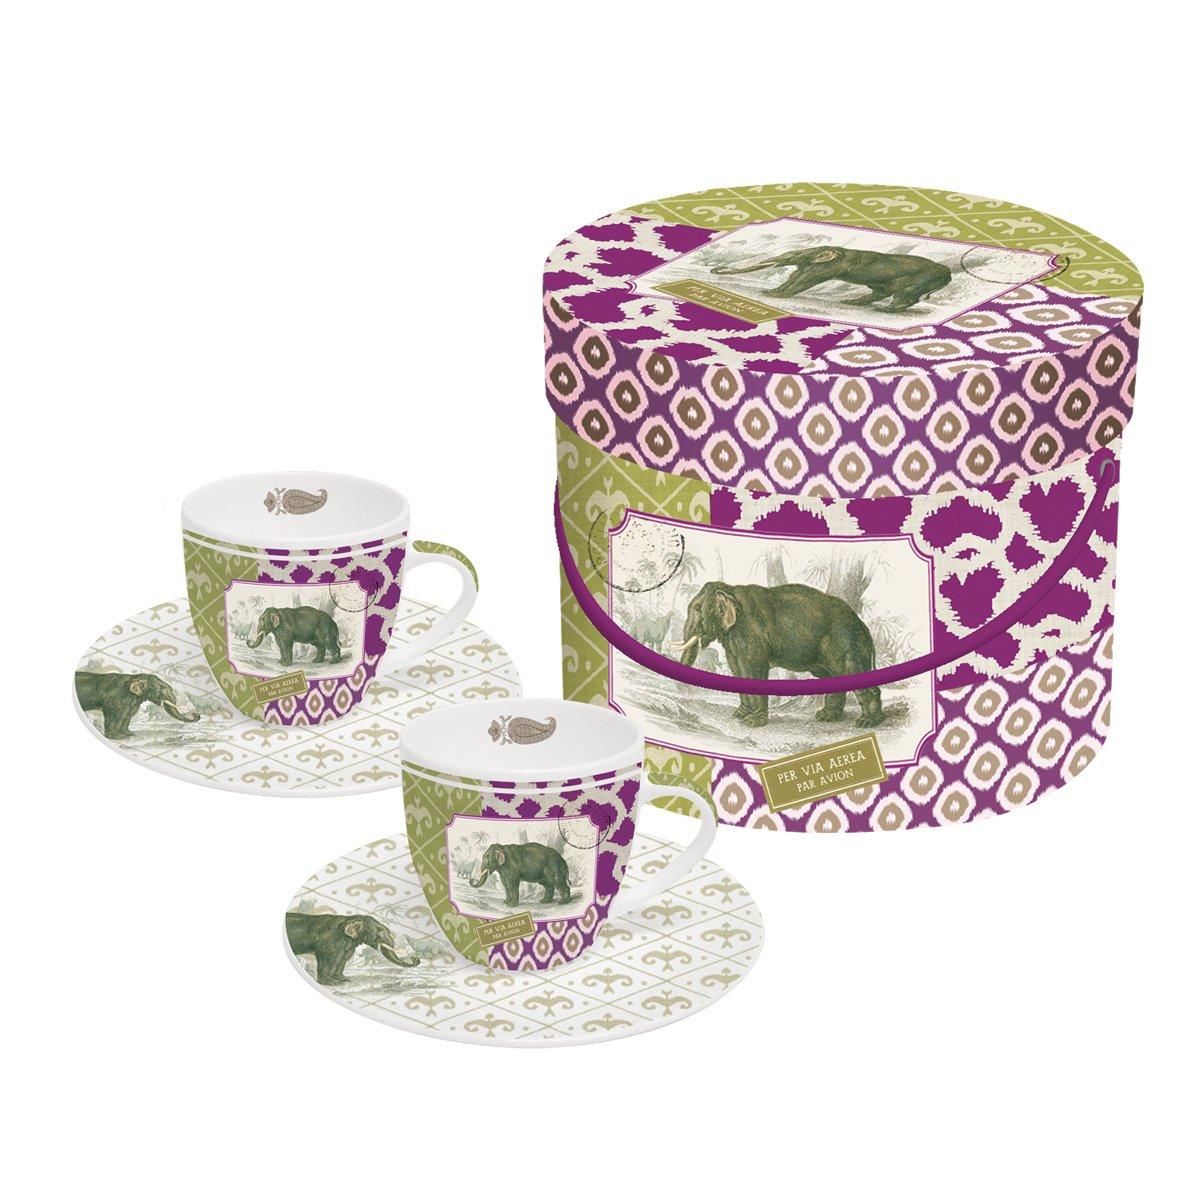 PPD Juego de 2 Tazas de Cafe Espresso y Platos con Caja Regalo Elefante Jaipur: Amazon.es: Hogar